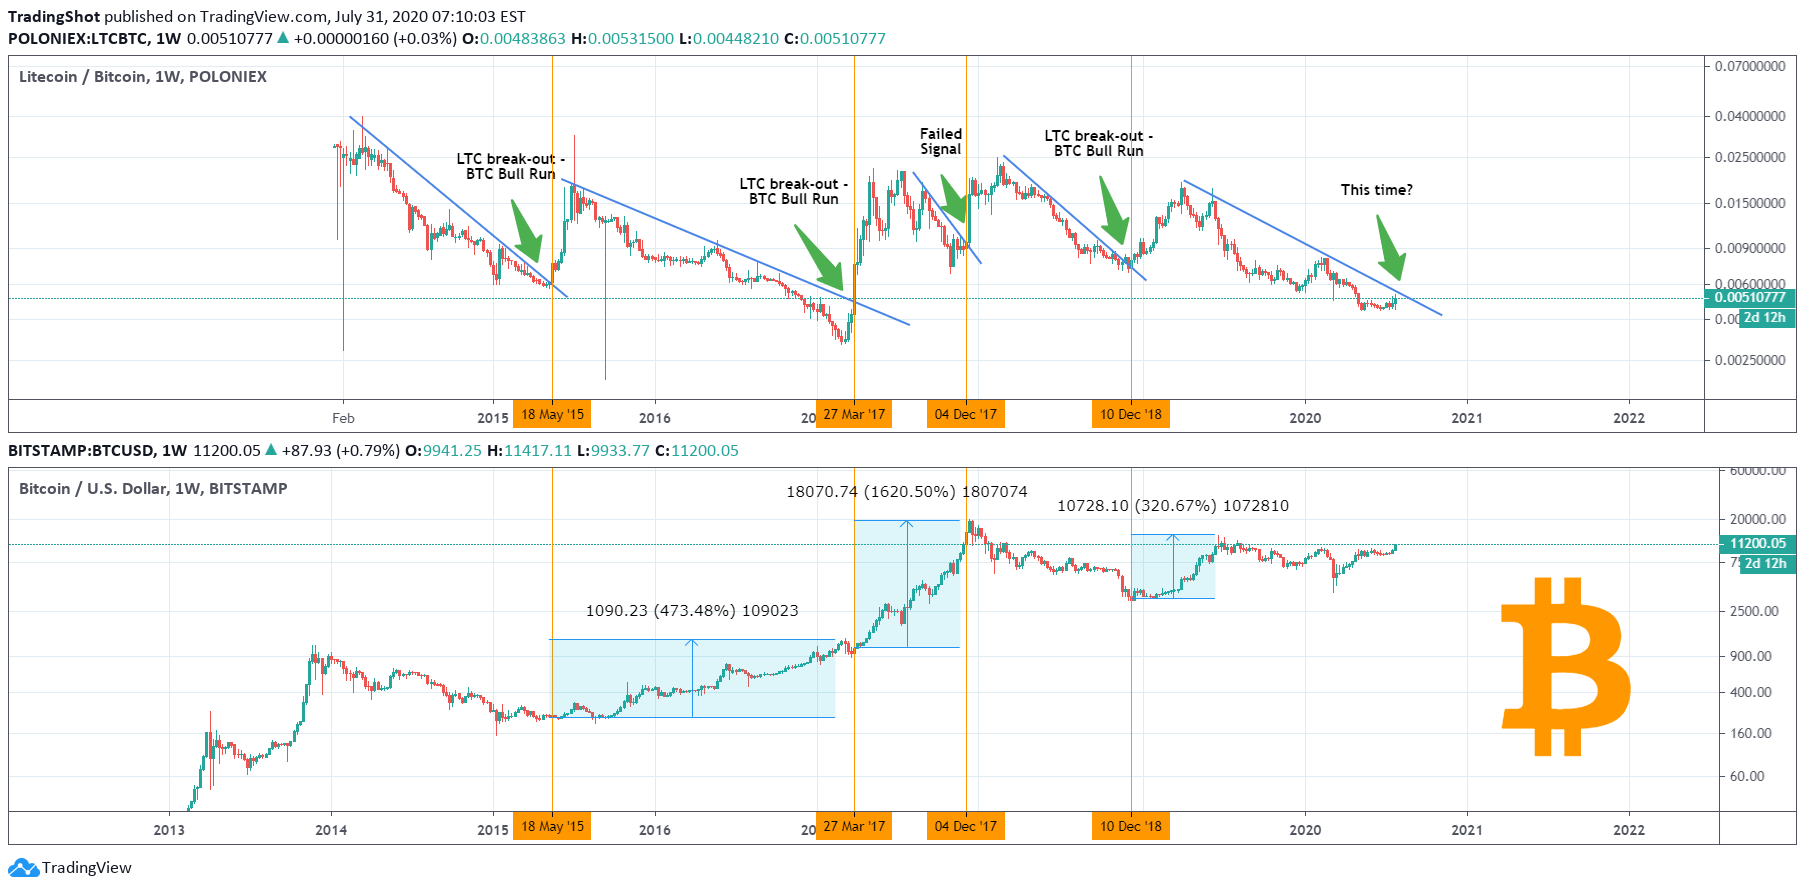 tradingview rodikliai reddit